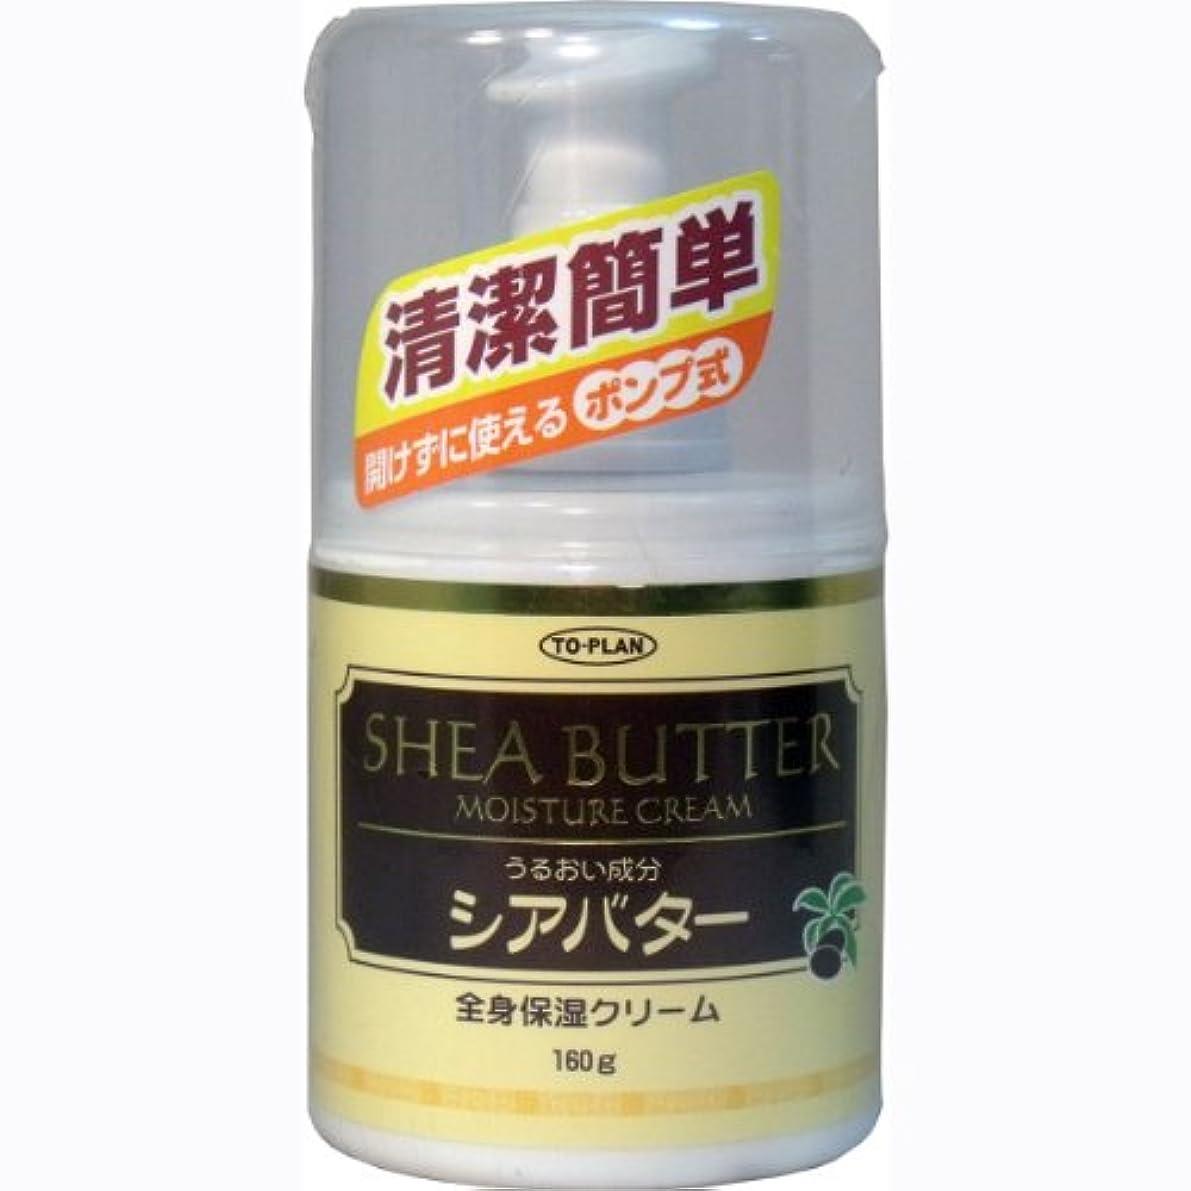 徹底的にアルコール知覚トプラン 全身保湿クリーム シアバター ポンプ式 160g